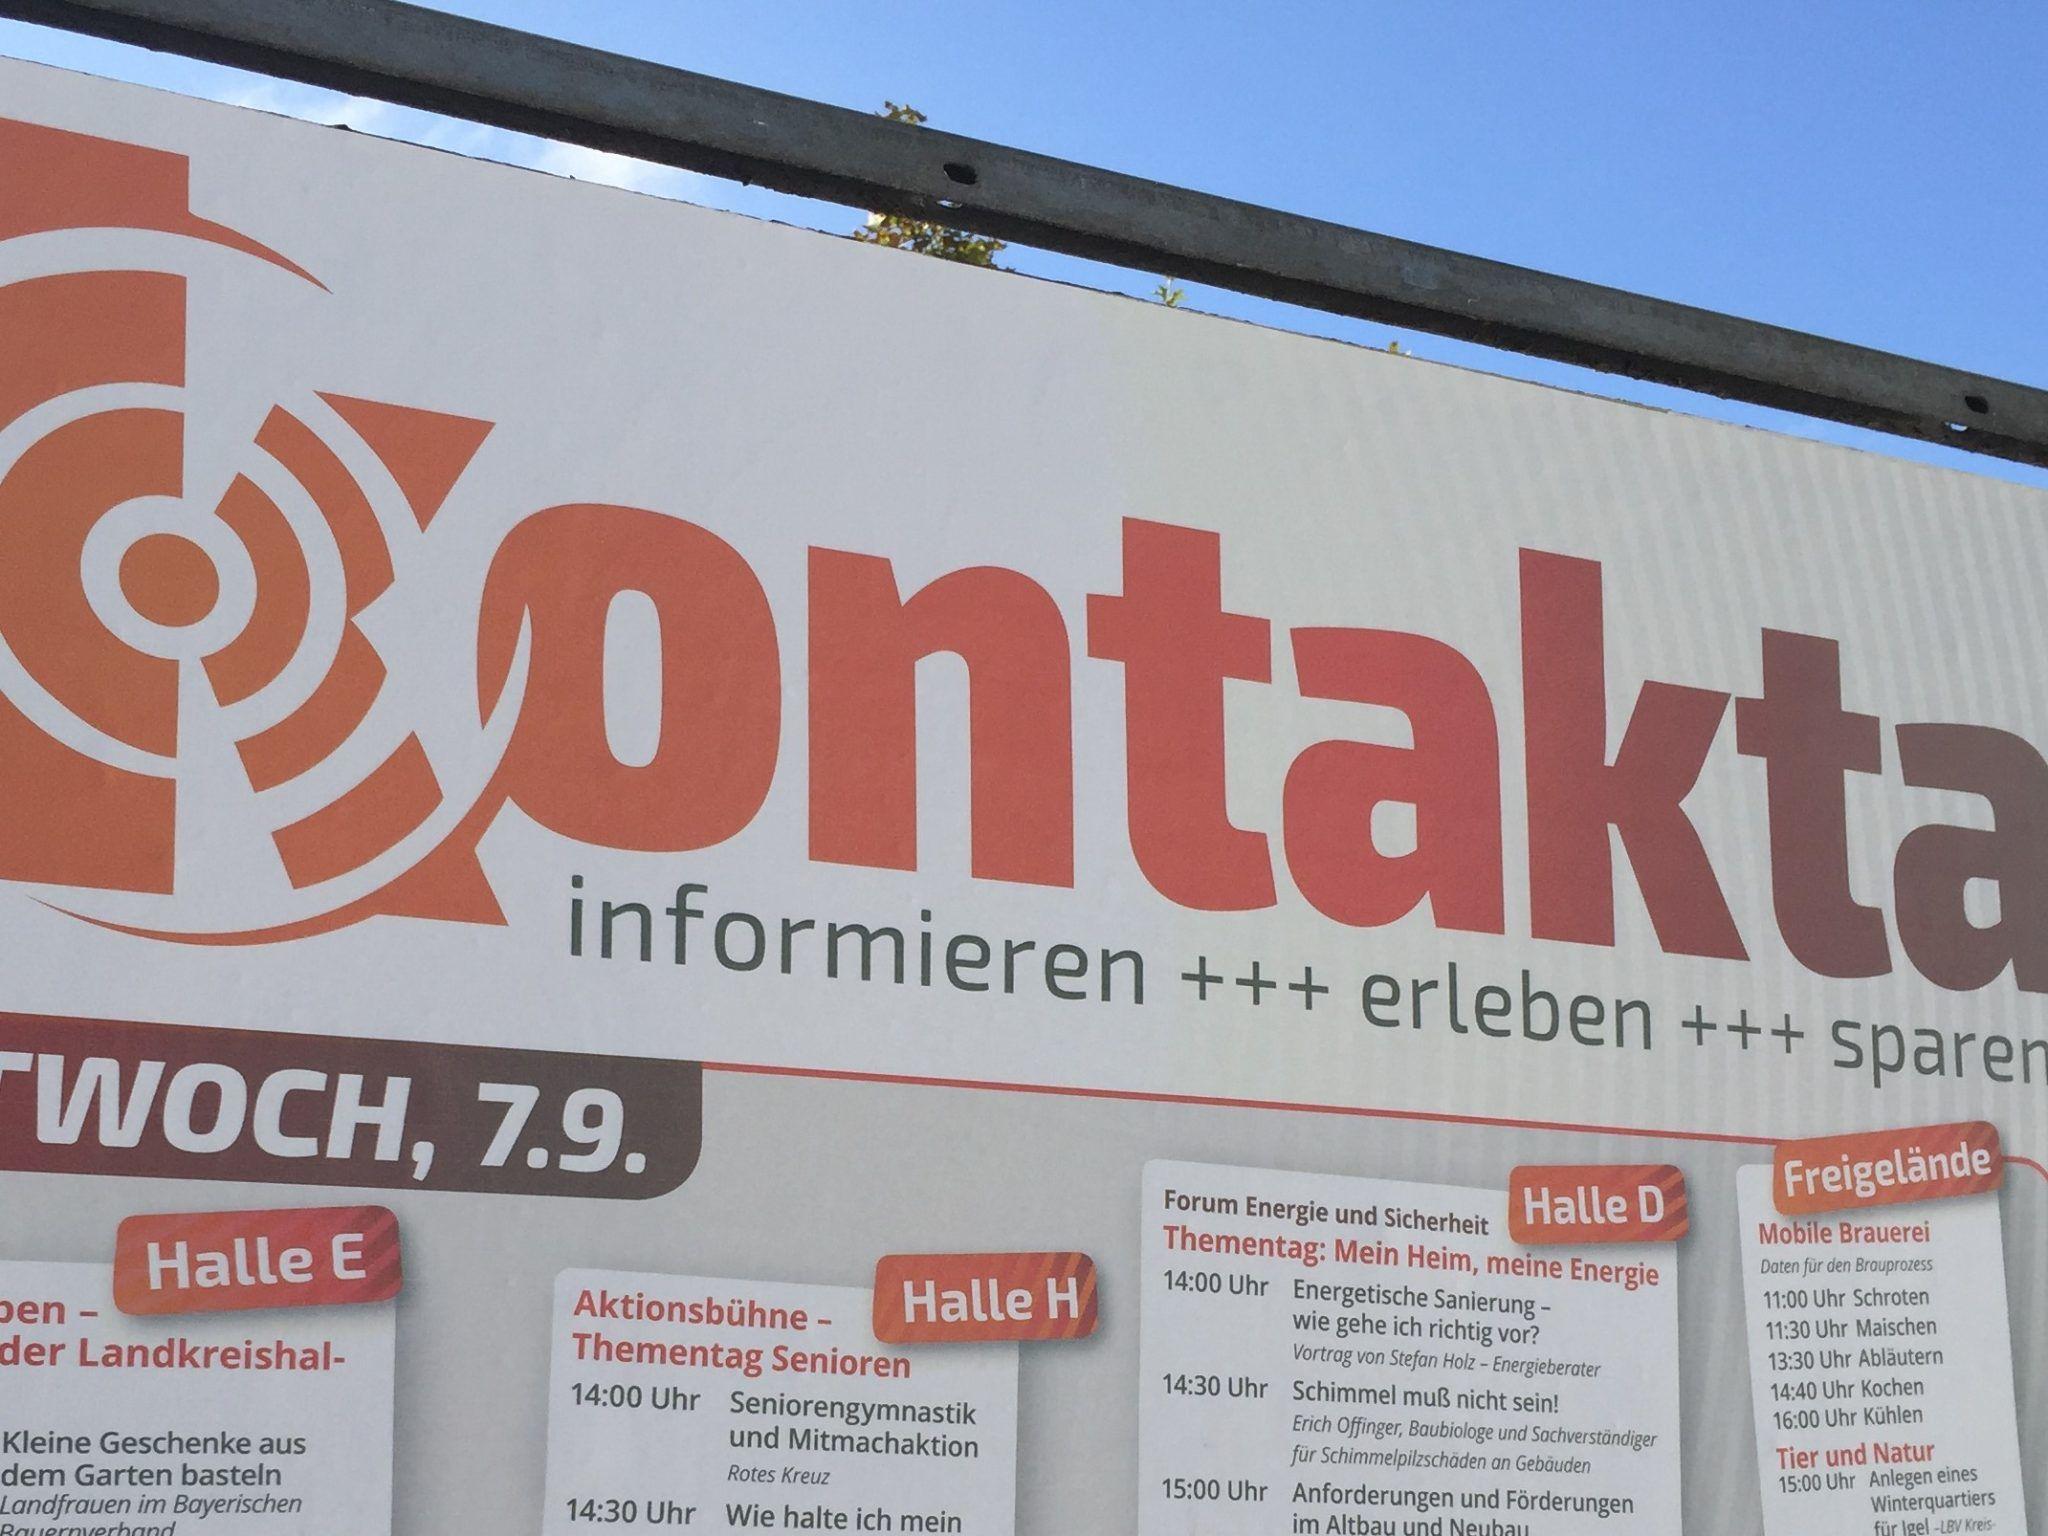 Parkplatz gesperrt: Kontakta-Aufbau beginnt am Montag – fränkischer.de